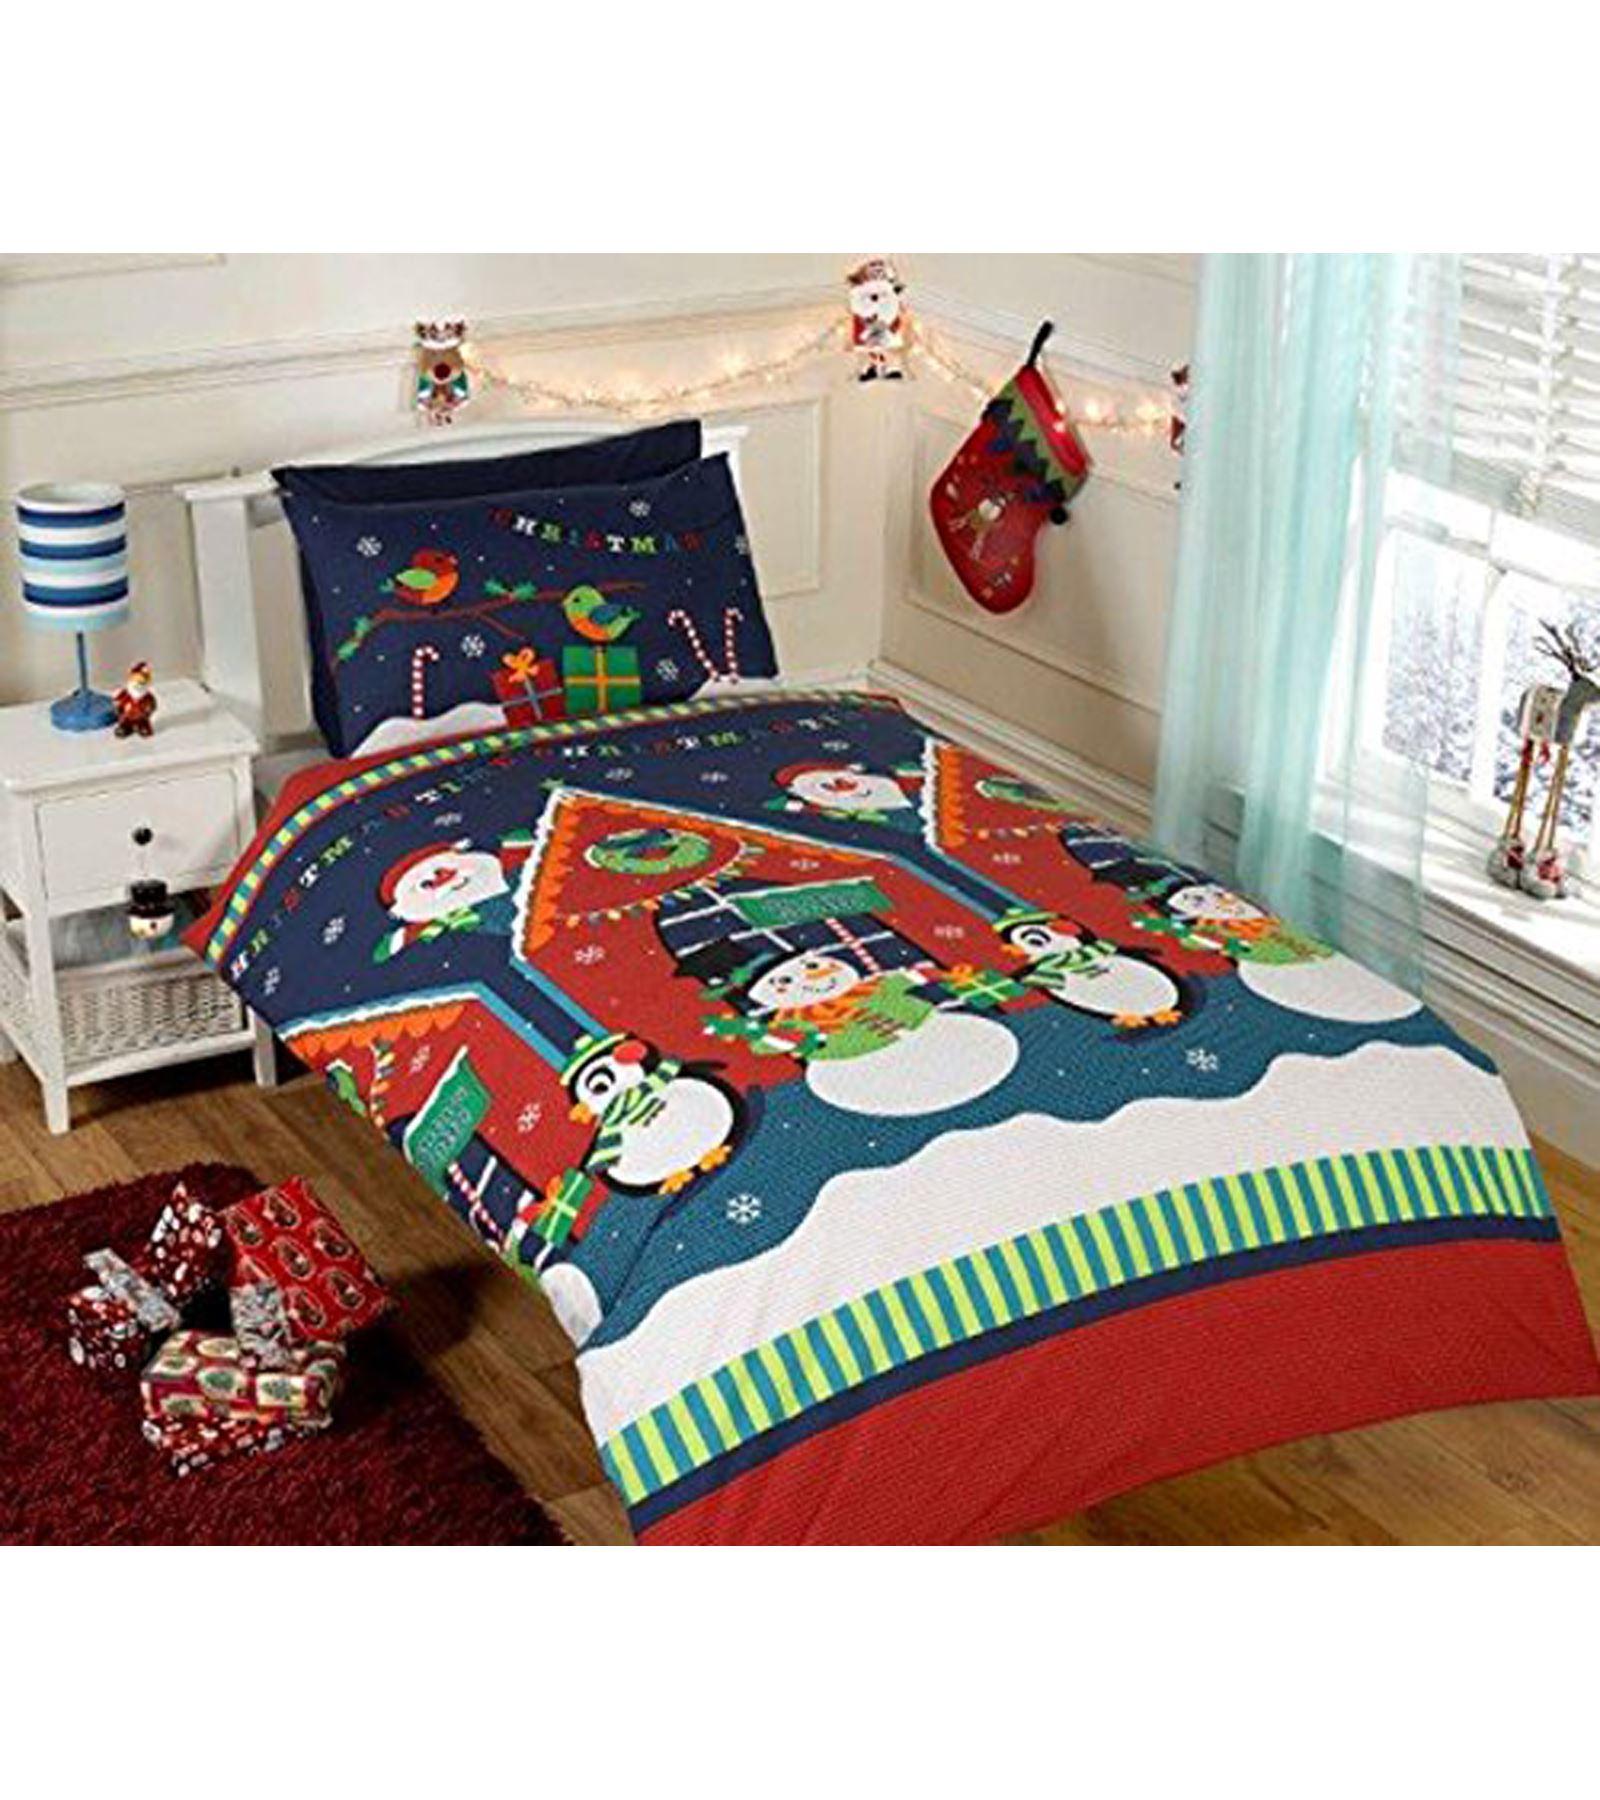 Indexbild 70 - Kinder Weihnachten Bettbezug Sets - Junior Einzel Doppel King - Elf Emoji Grinch